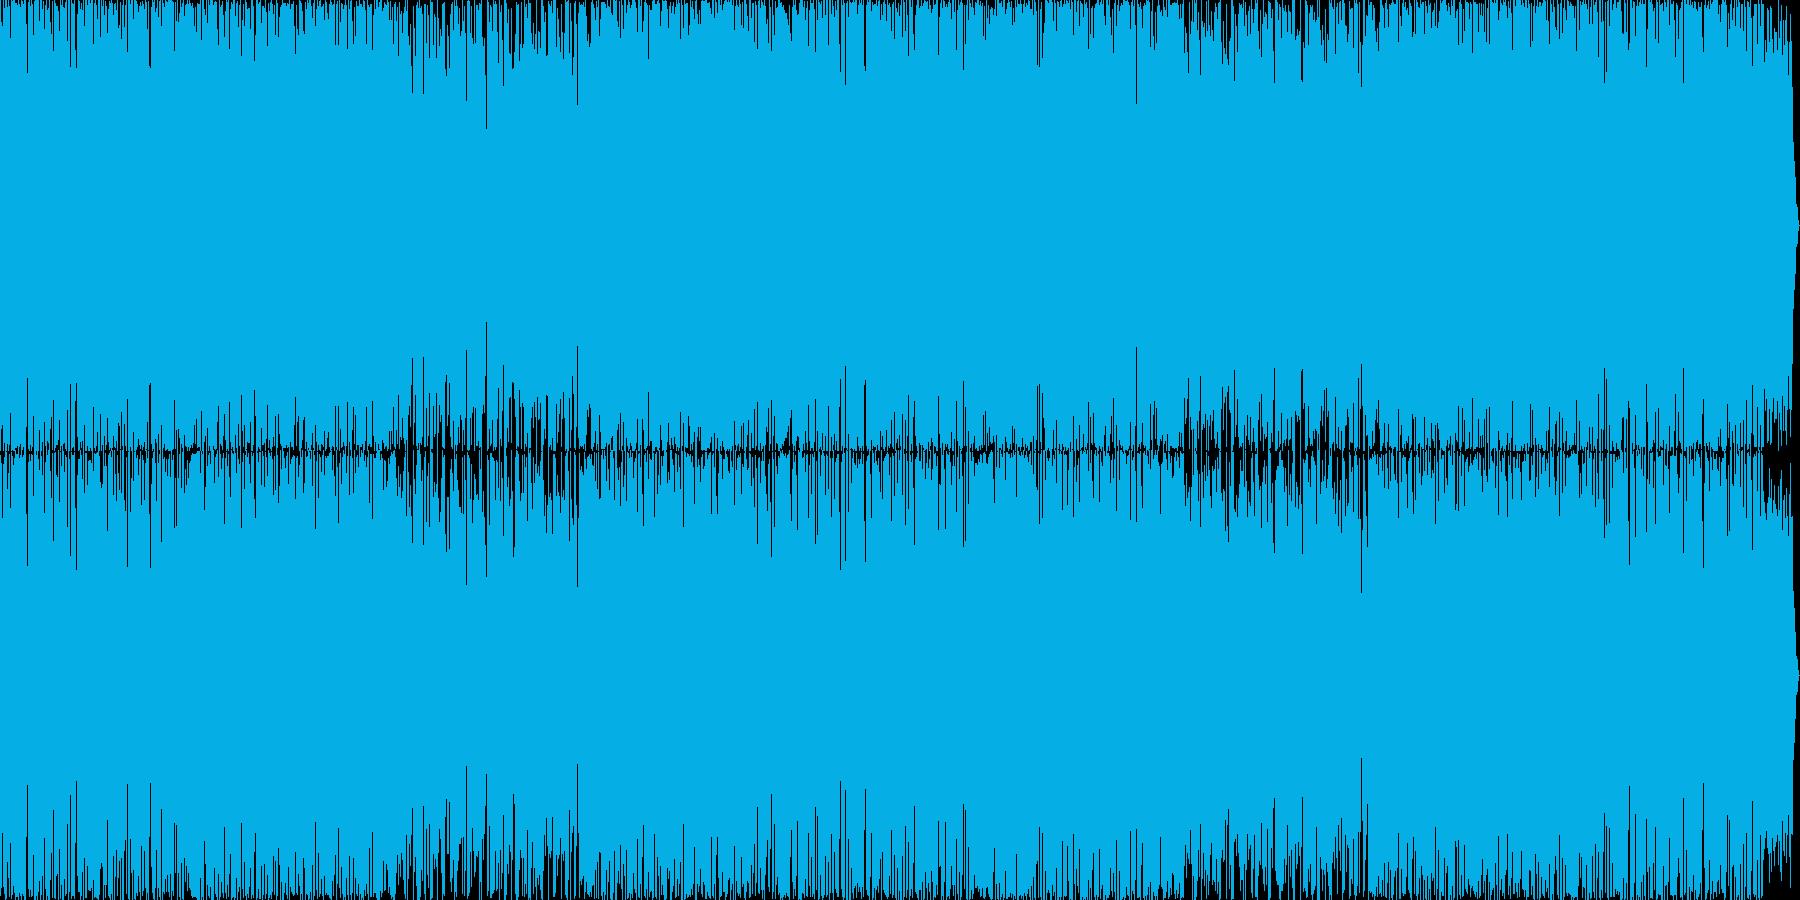 マリンバが可愛らしい個性的なインストの再生済みの波形